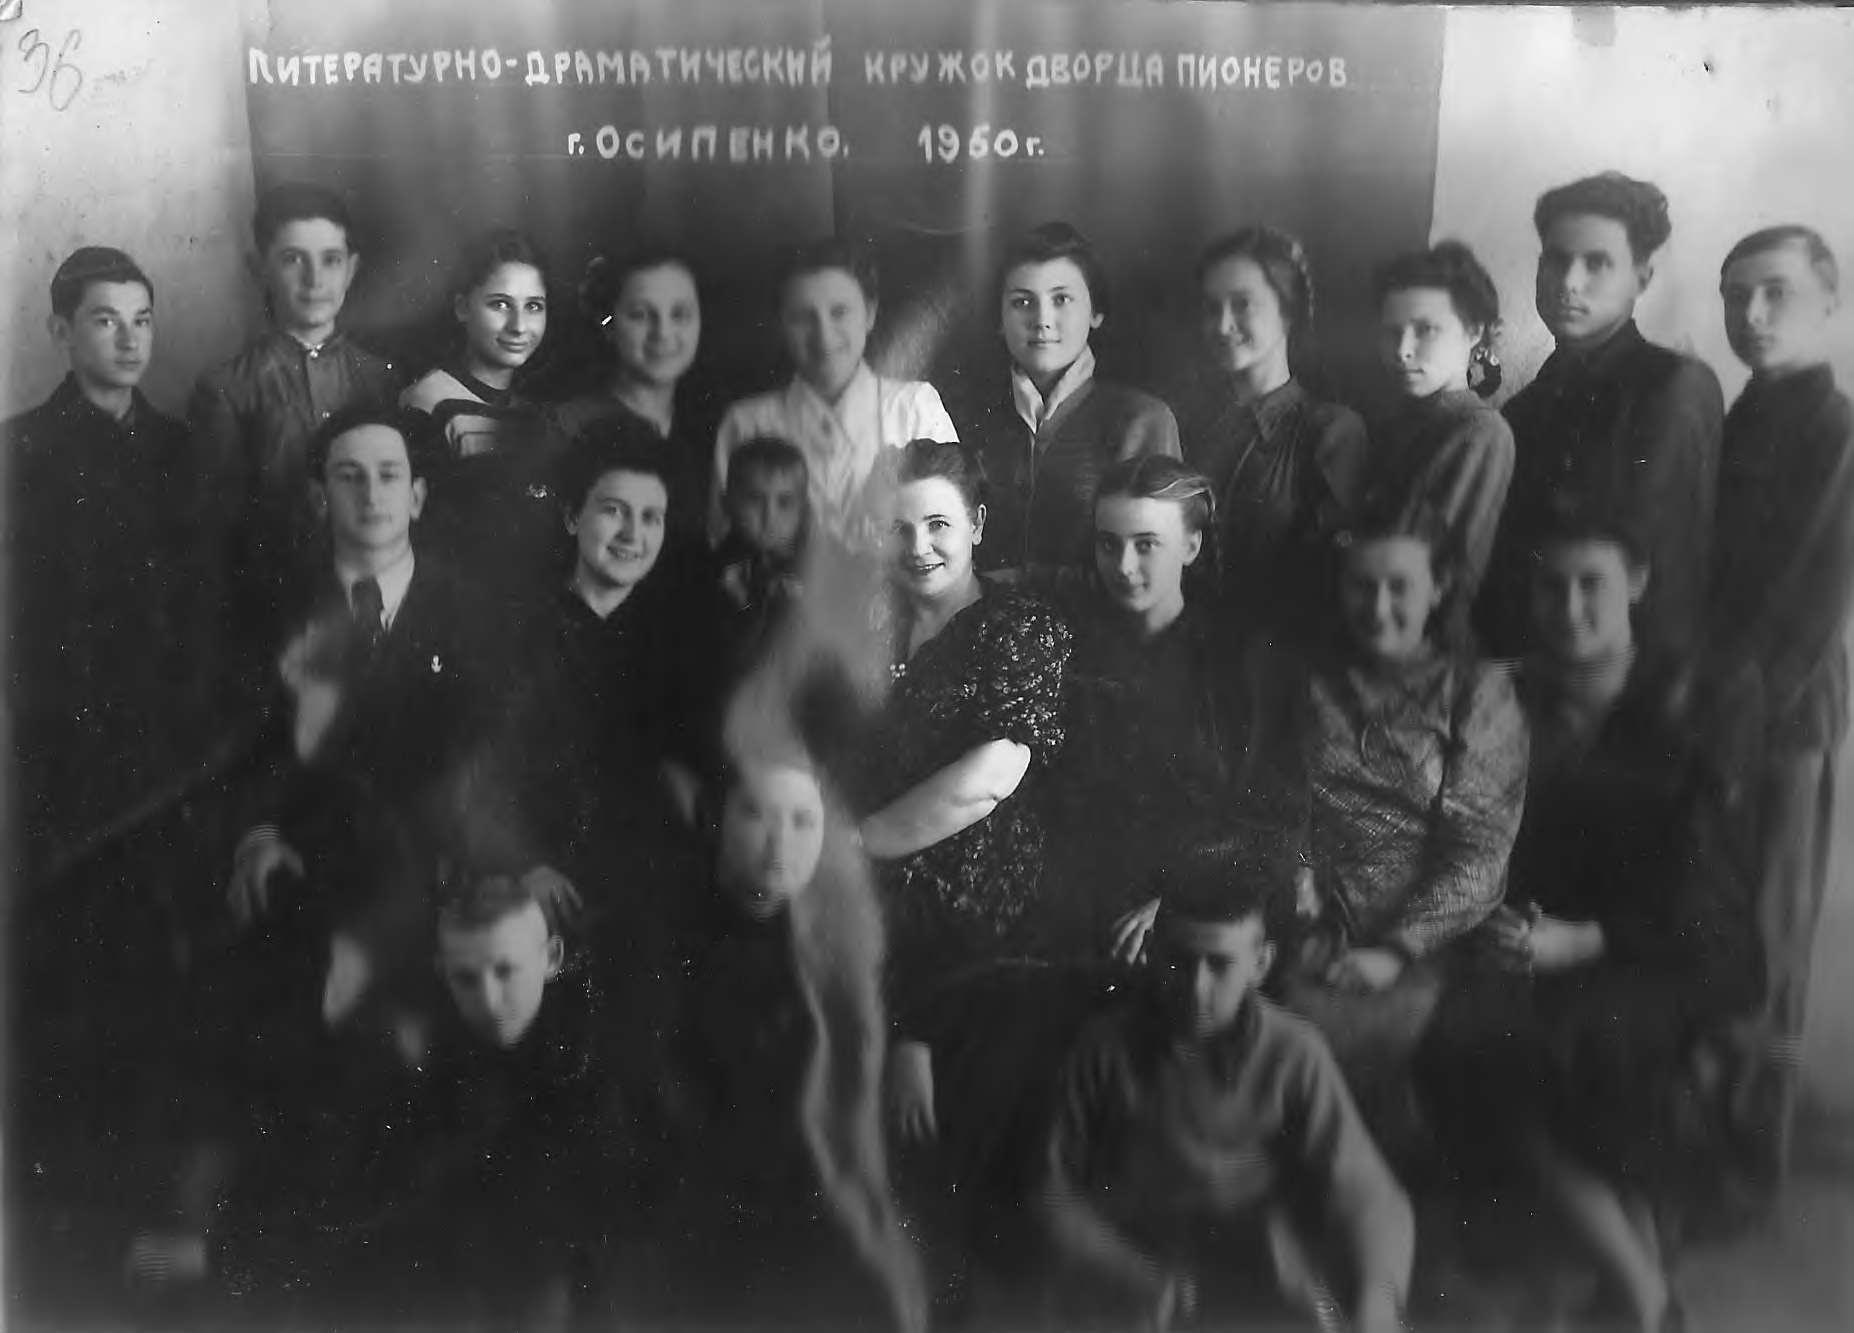 Литературно-драматический кружок, 1950